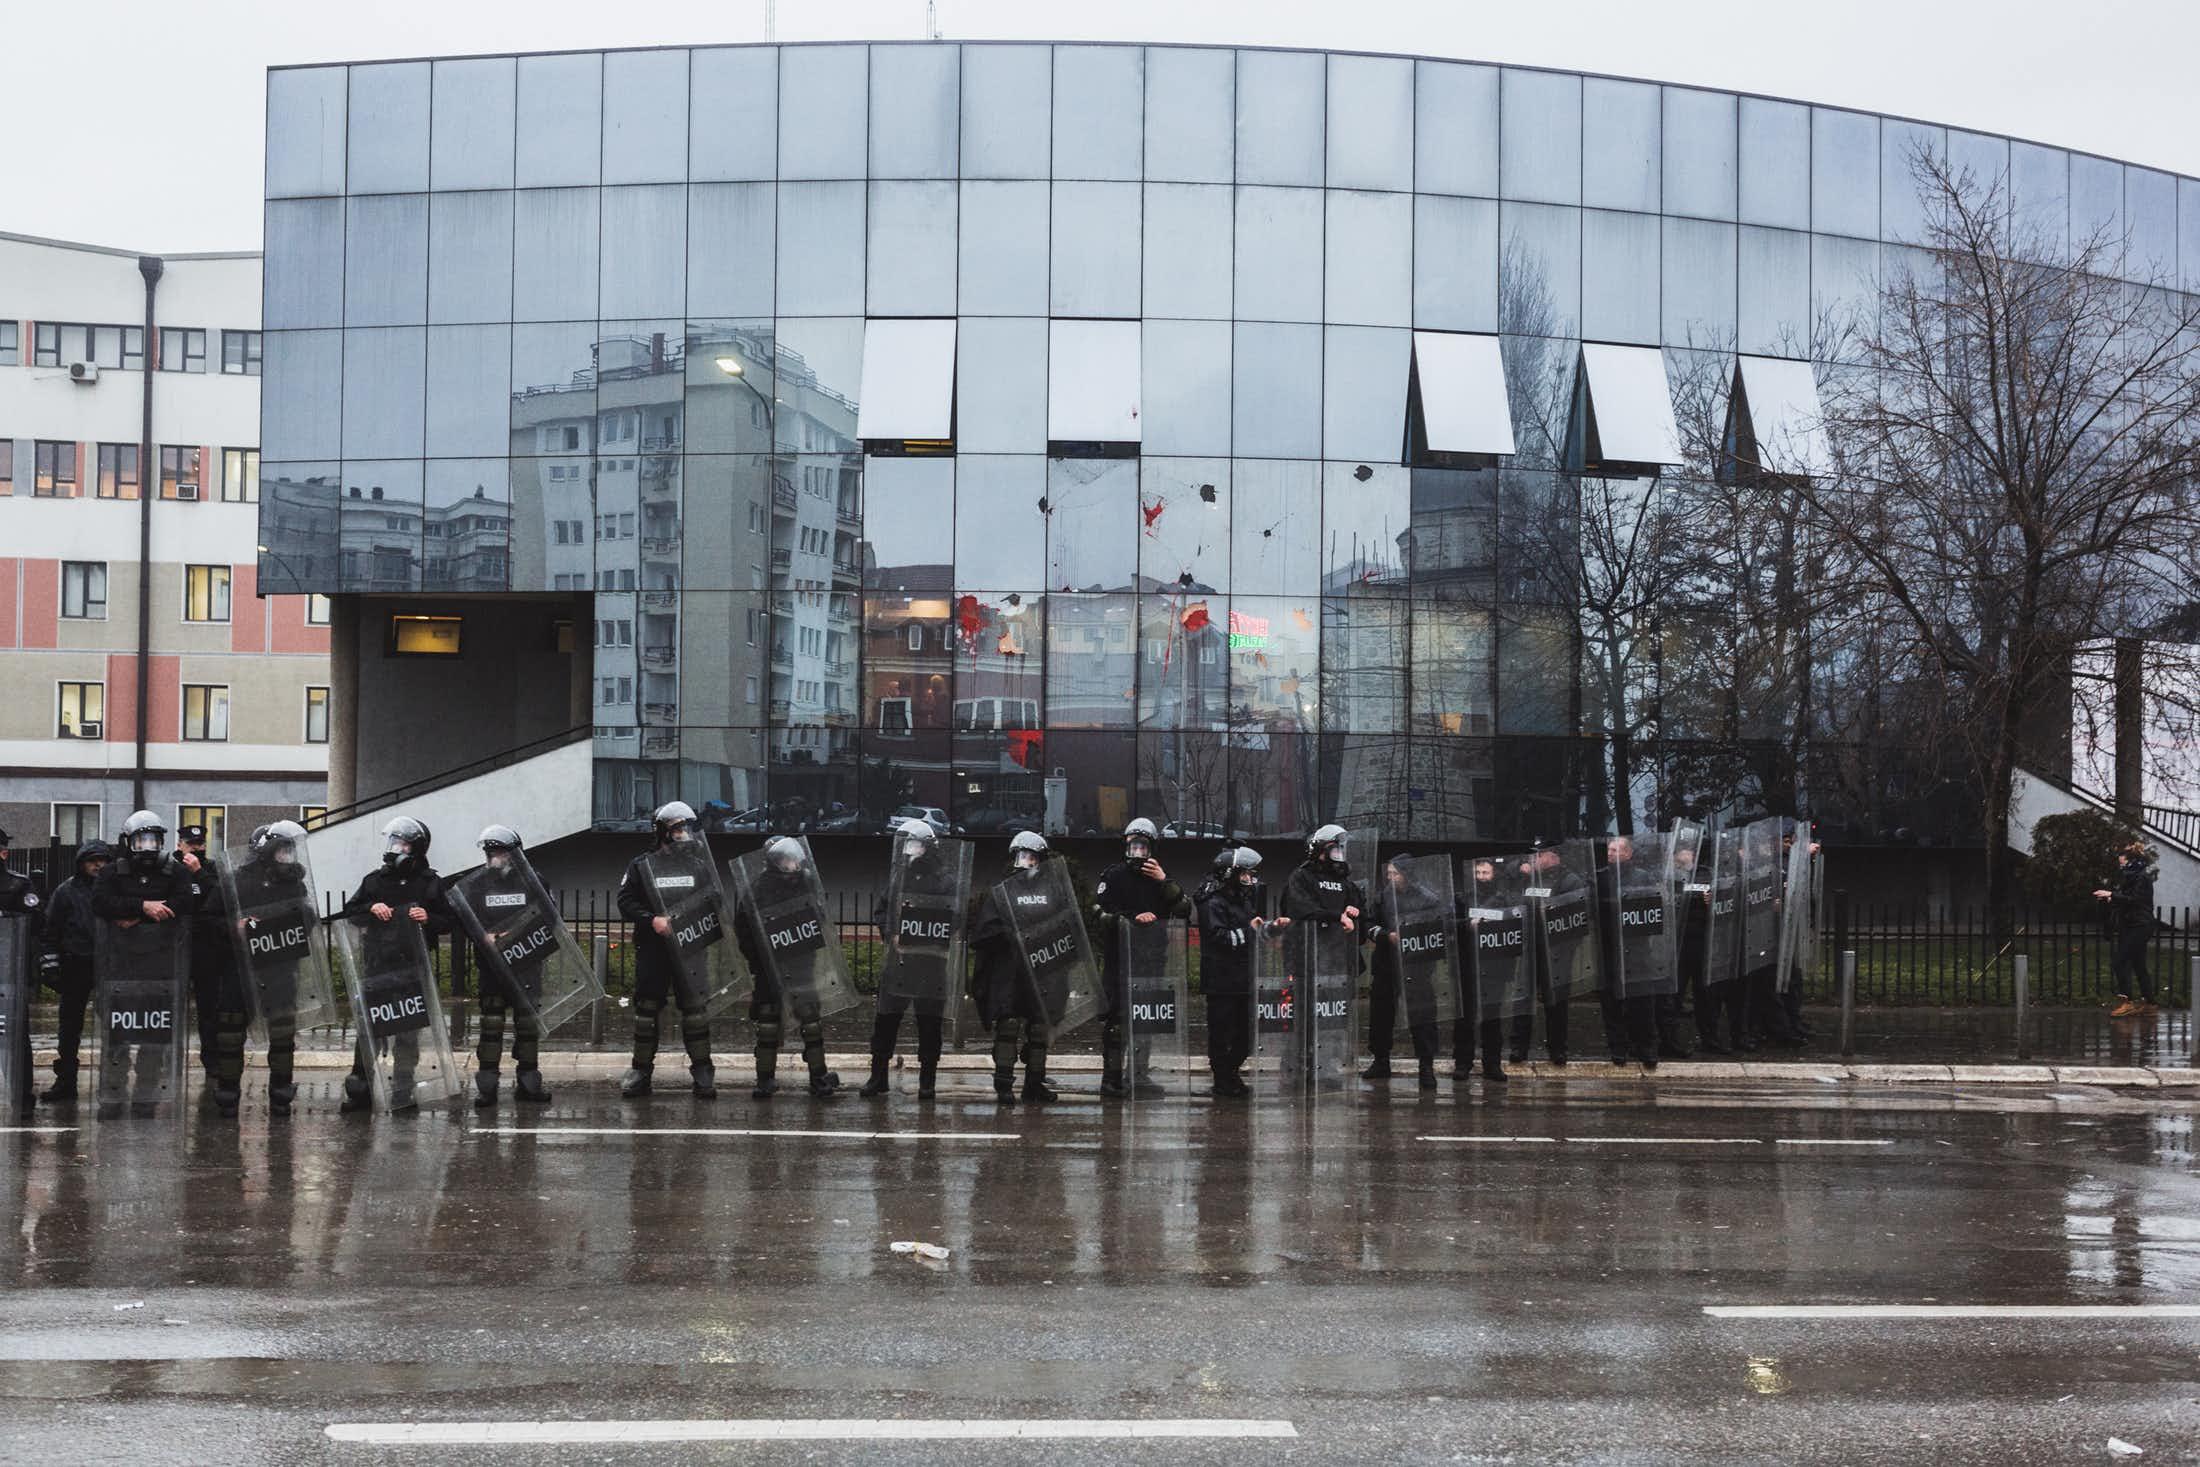 Le siège du gouvernement à Pristina sous protection policière. (photo Martin Valentin Fuchs)